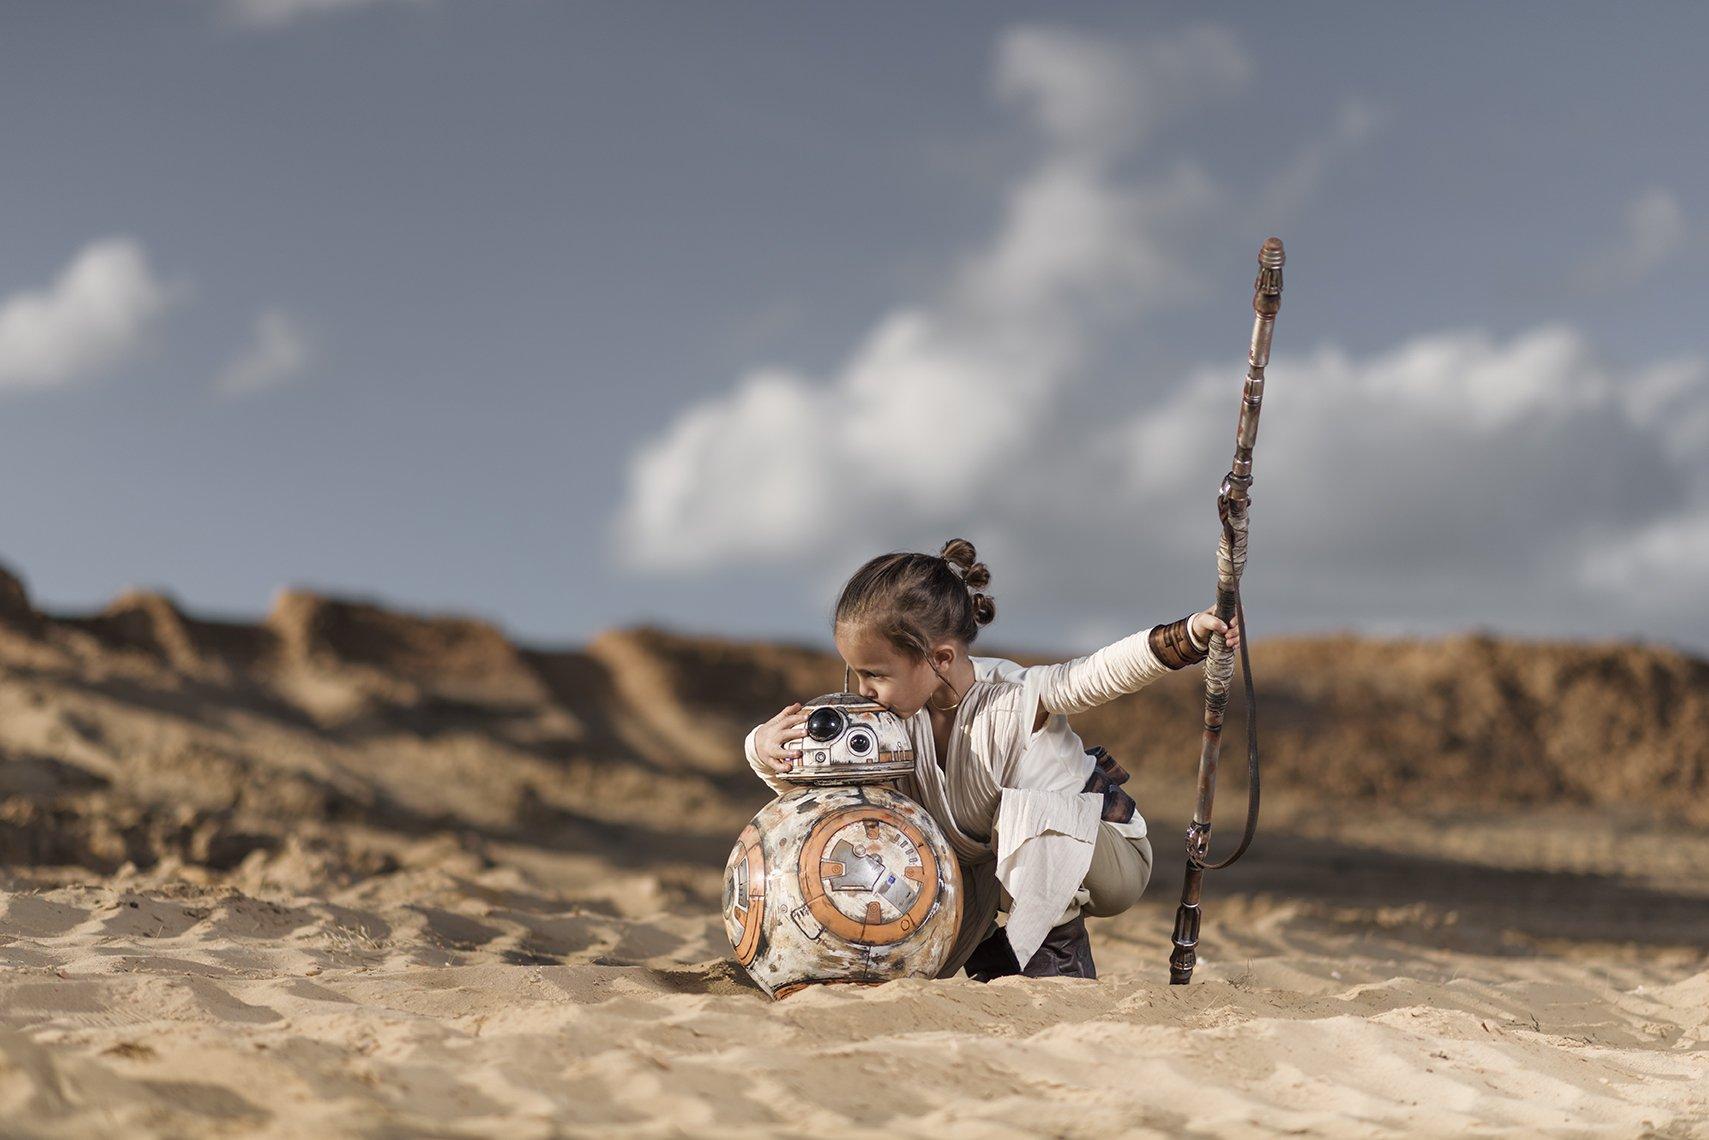 Tata fotograf zamienia marzenia w rzeczywistość